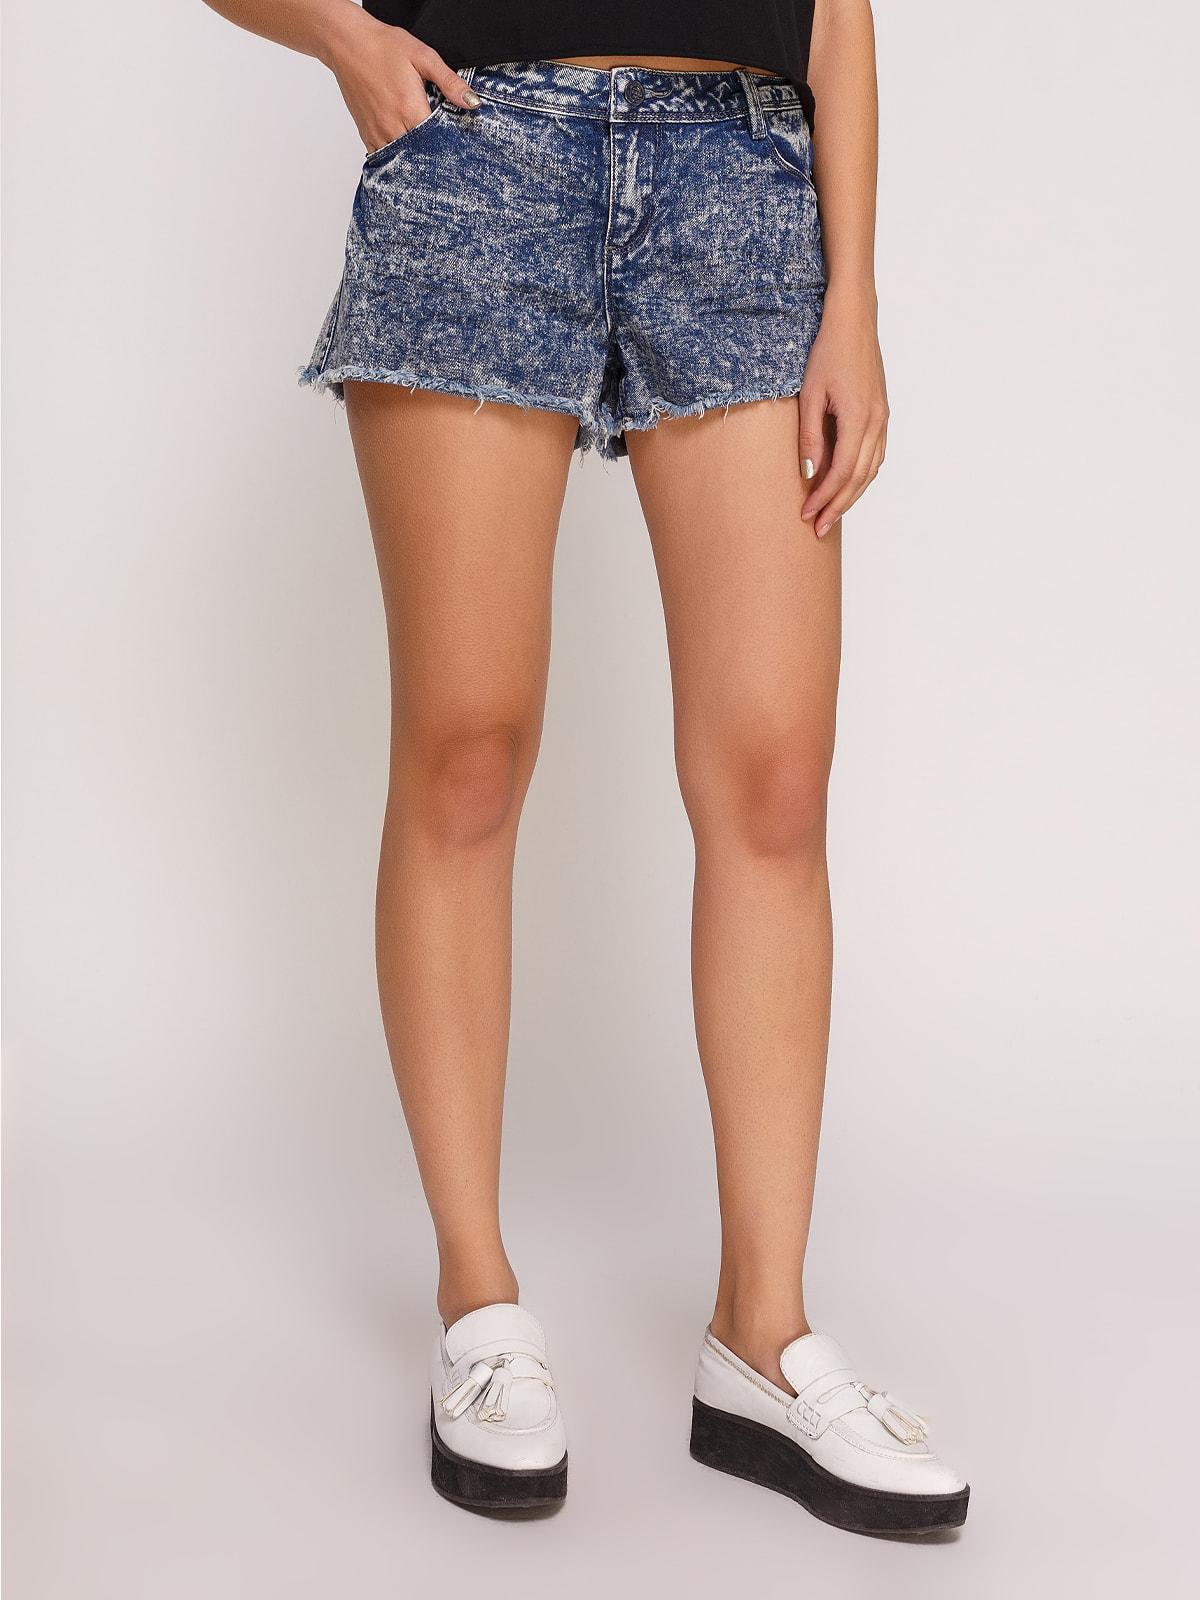 Шорты синие джинсовые | 4630573